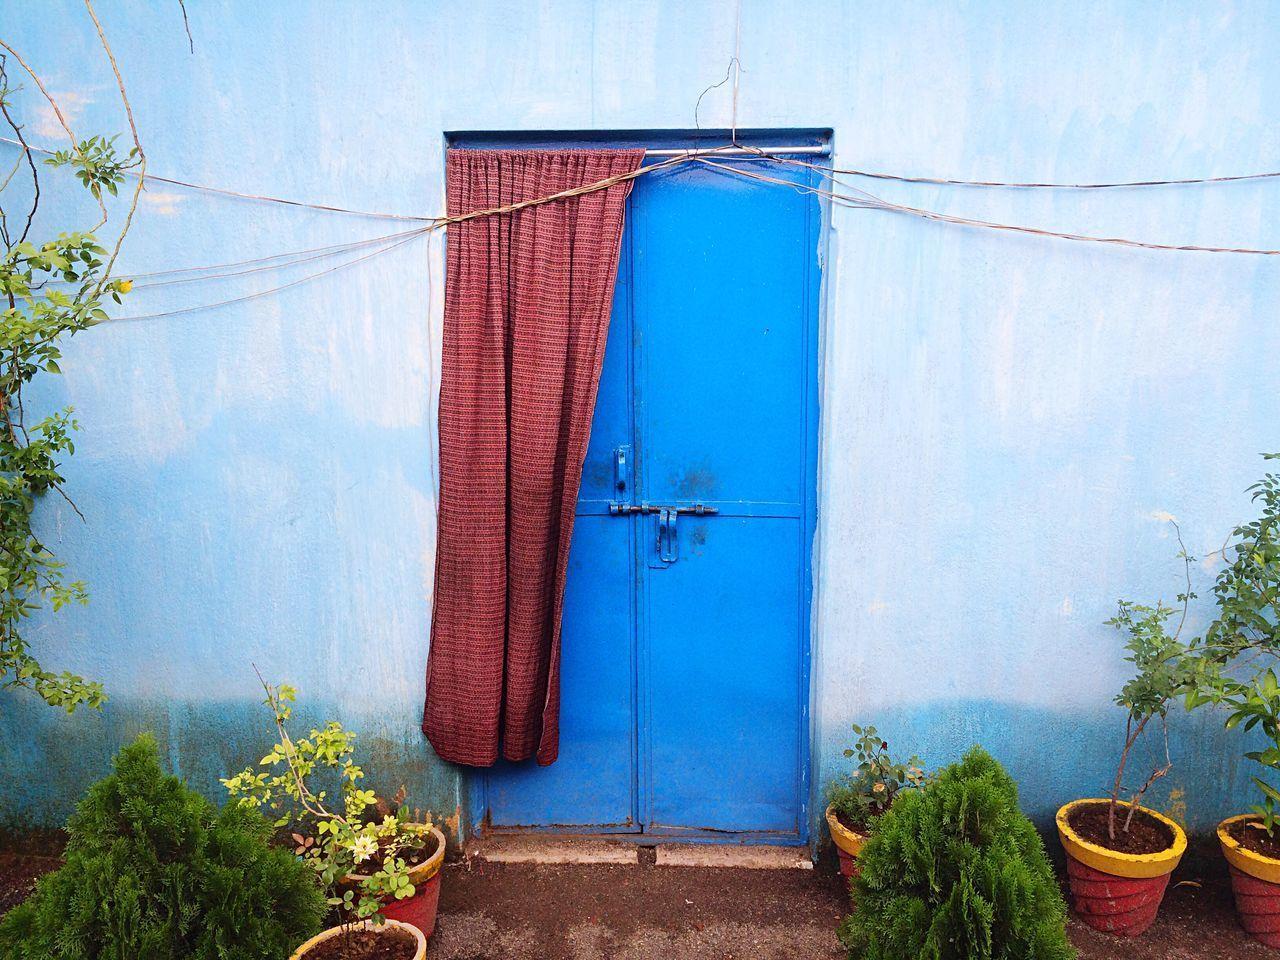 BLUE DOOR OF PLANTS AGAINST SKY